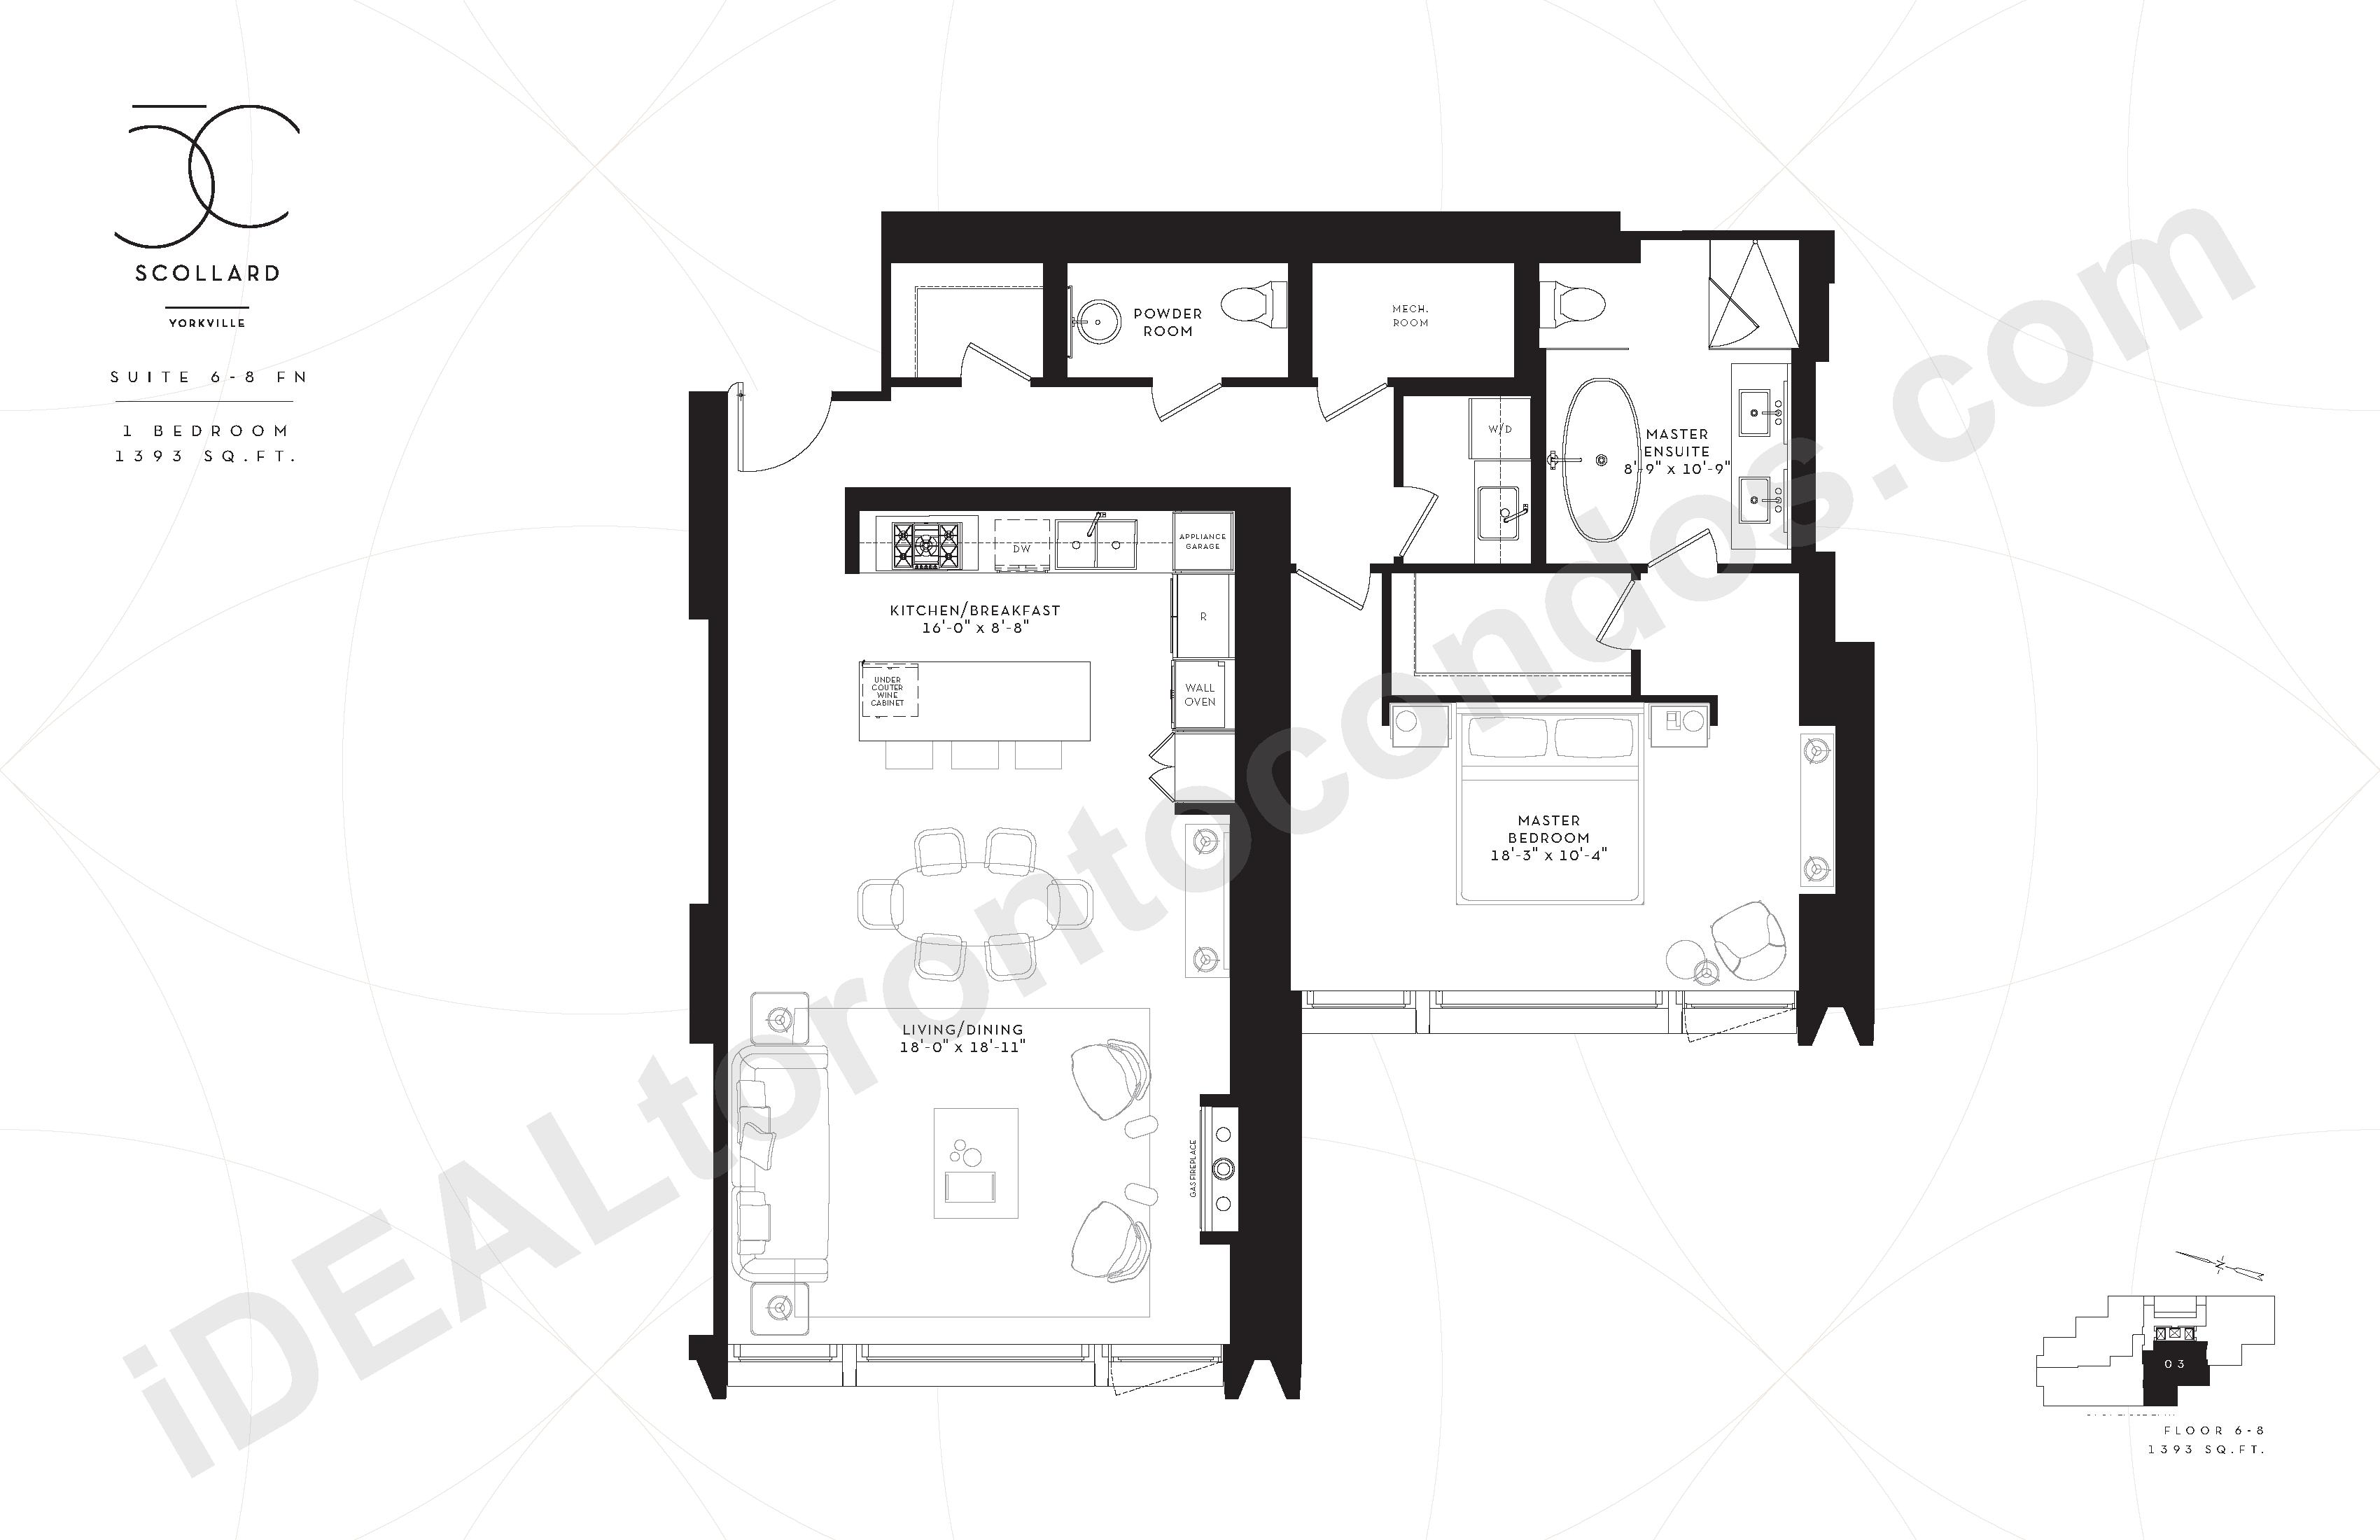 Suite 6-8 FN | 1 Bedroom